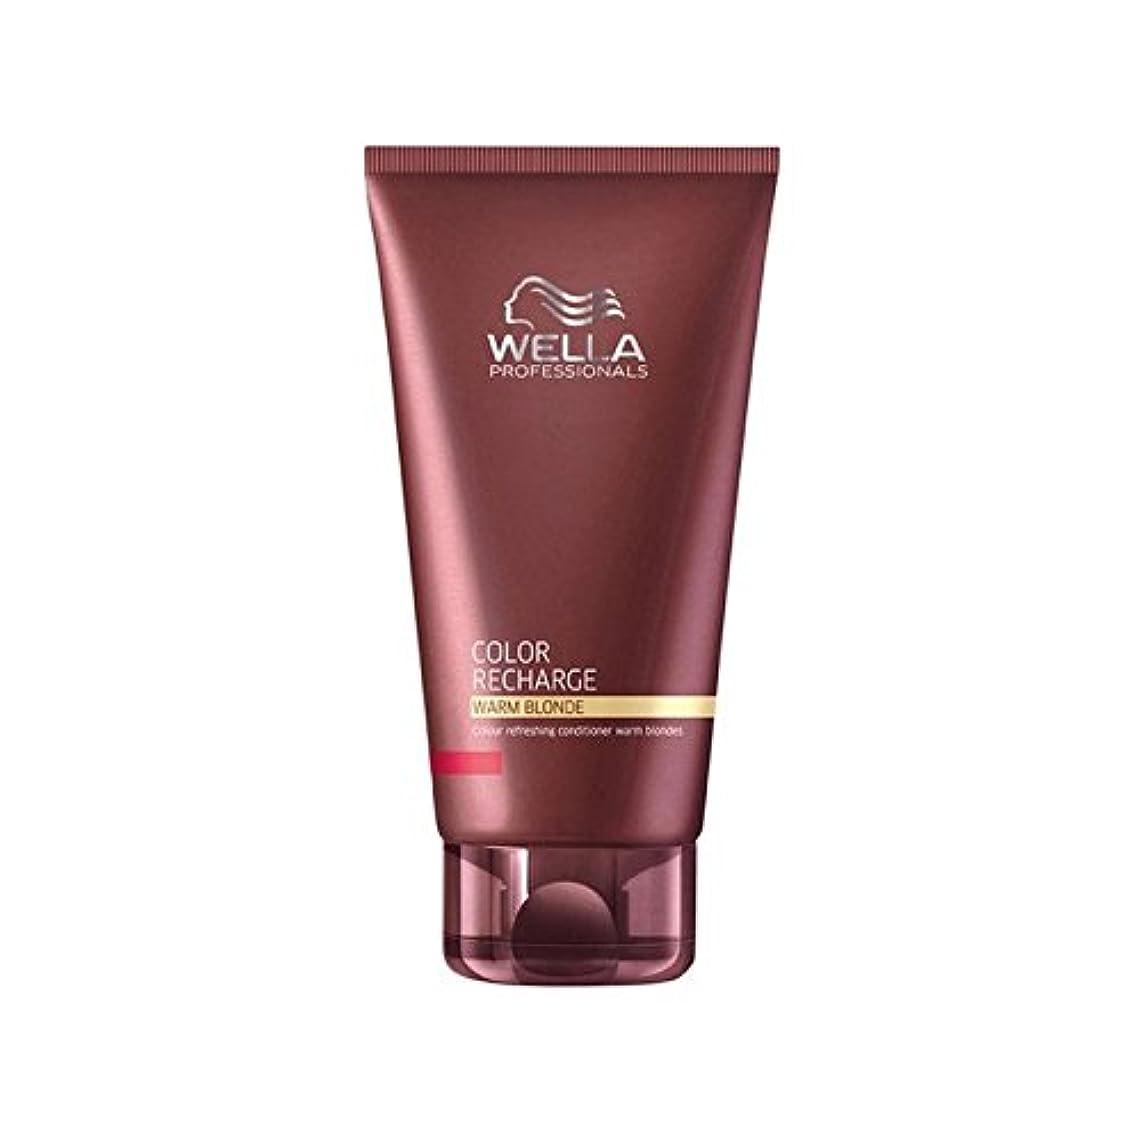 ウィスキー再開乱用Wella Professionals Color Recharge Conditioner Warm Blonde (200ml) - ウエラ専門家のカラー再充電コンディショナー暖かいブロンド(200ミリリットル) [...